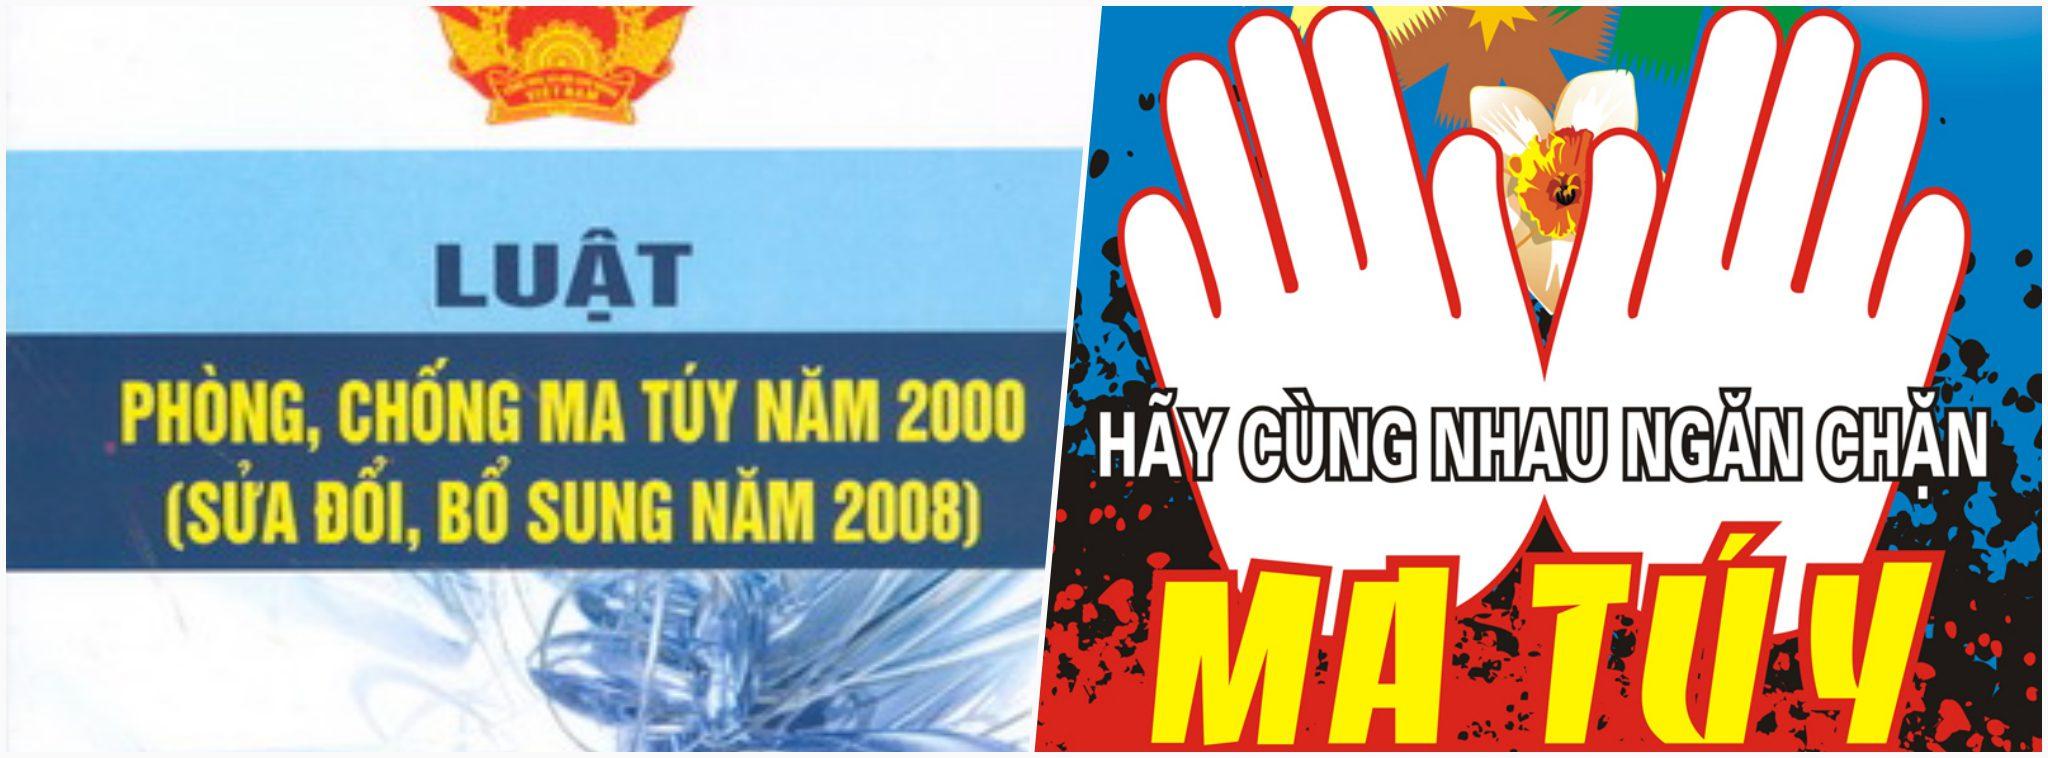 Opioid Vietnam.jpg